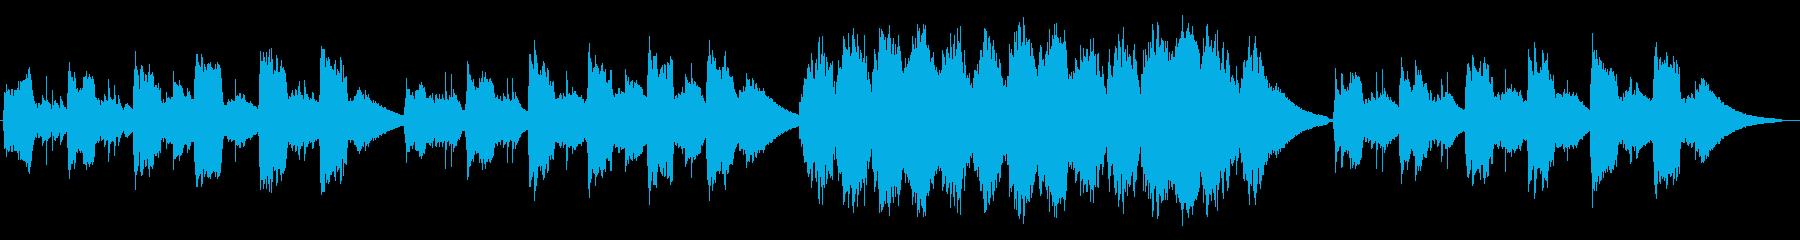 夜が明けるようなピアノヒーリング曲の再生済みの波形